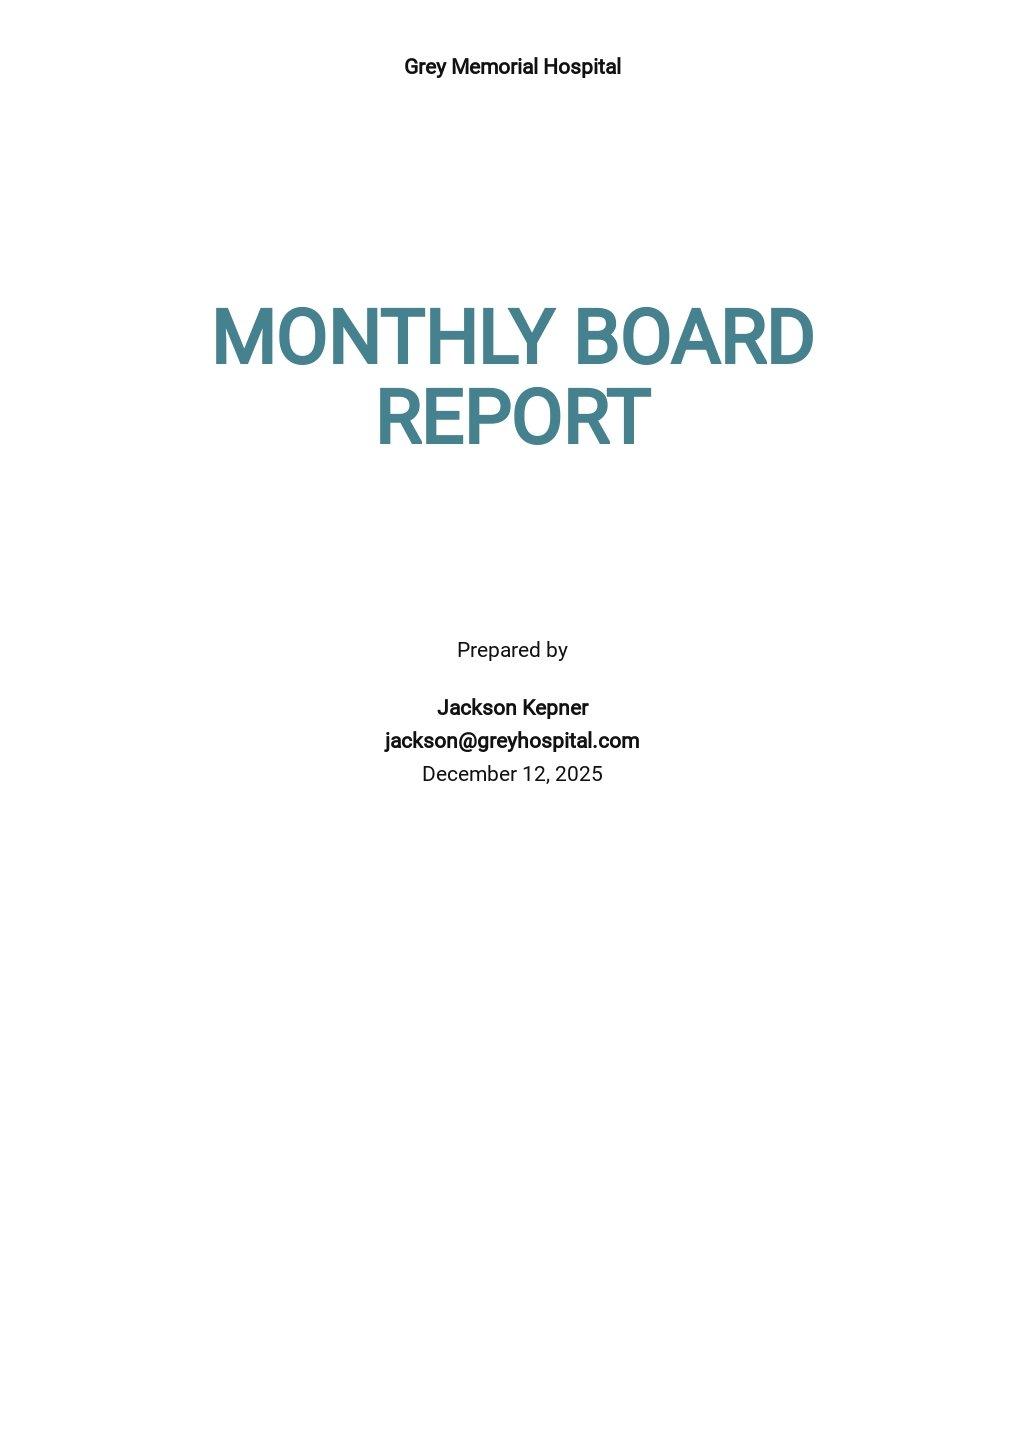 HR Board Report Template.jpe